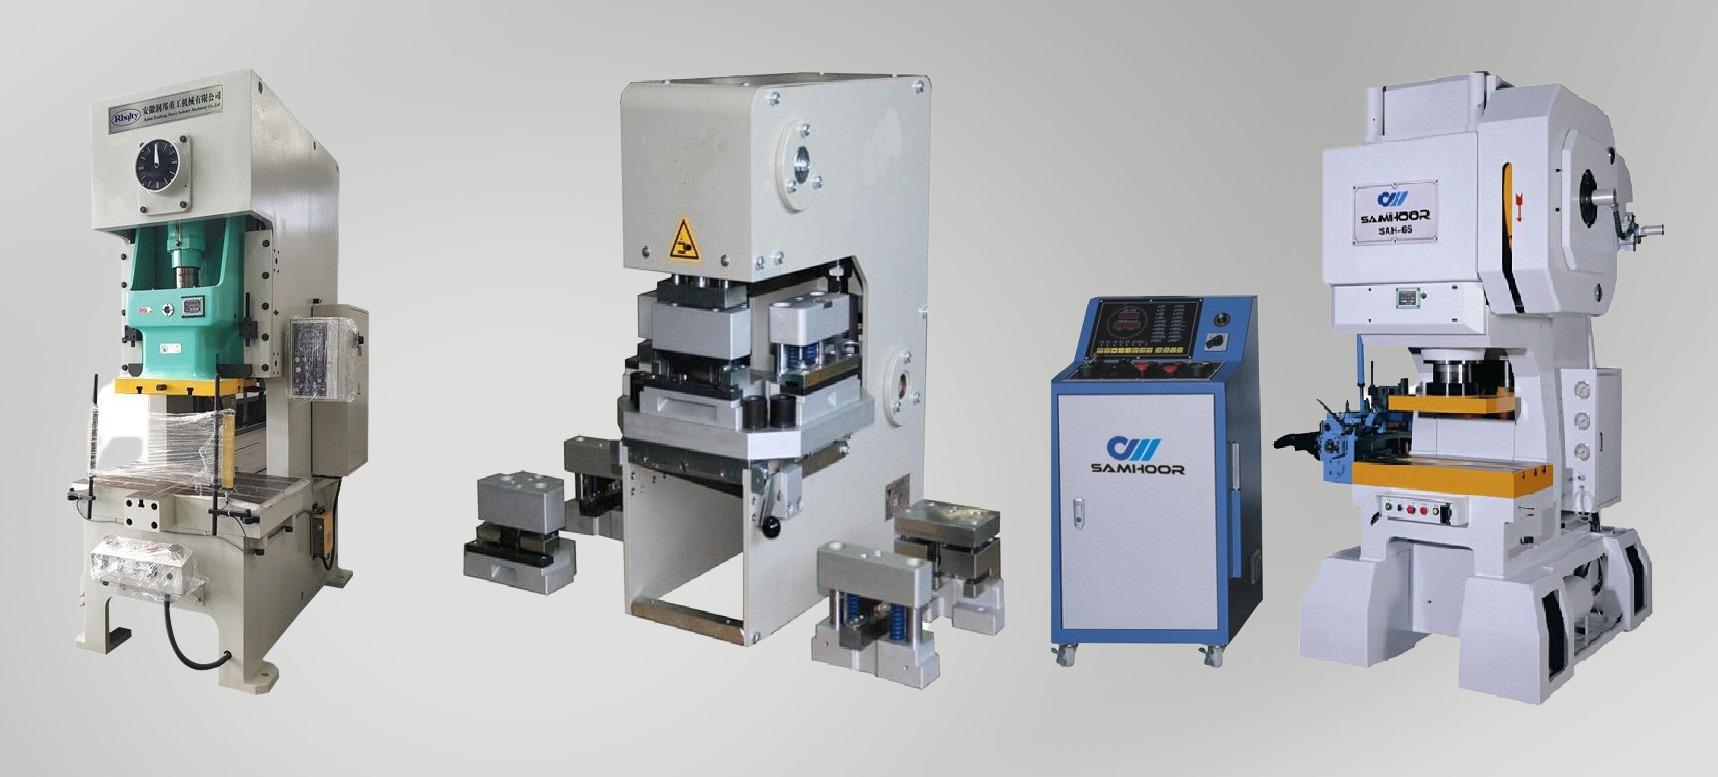 Щанцови и пневматични преси - 25t / 45t / 63t /160 t - Със сменяеми инструментални плочи, произведени според нуждите на клиента за серийно производство